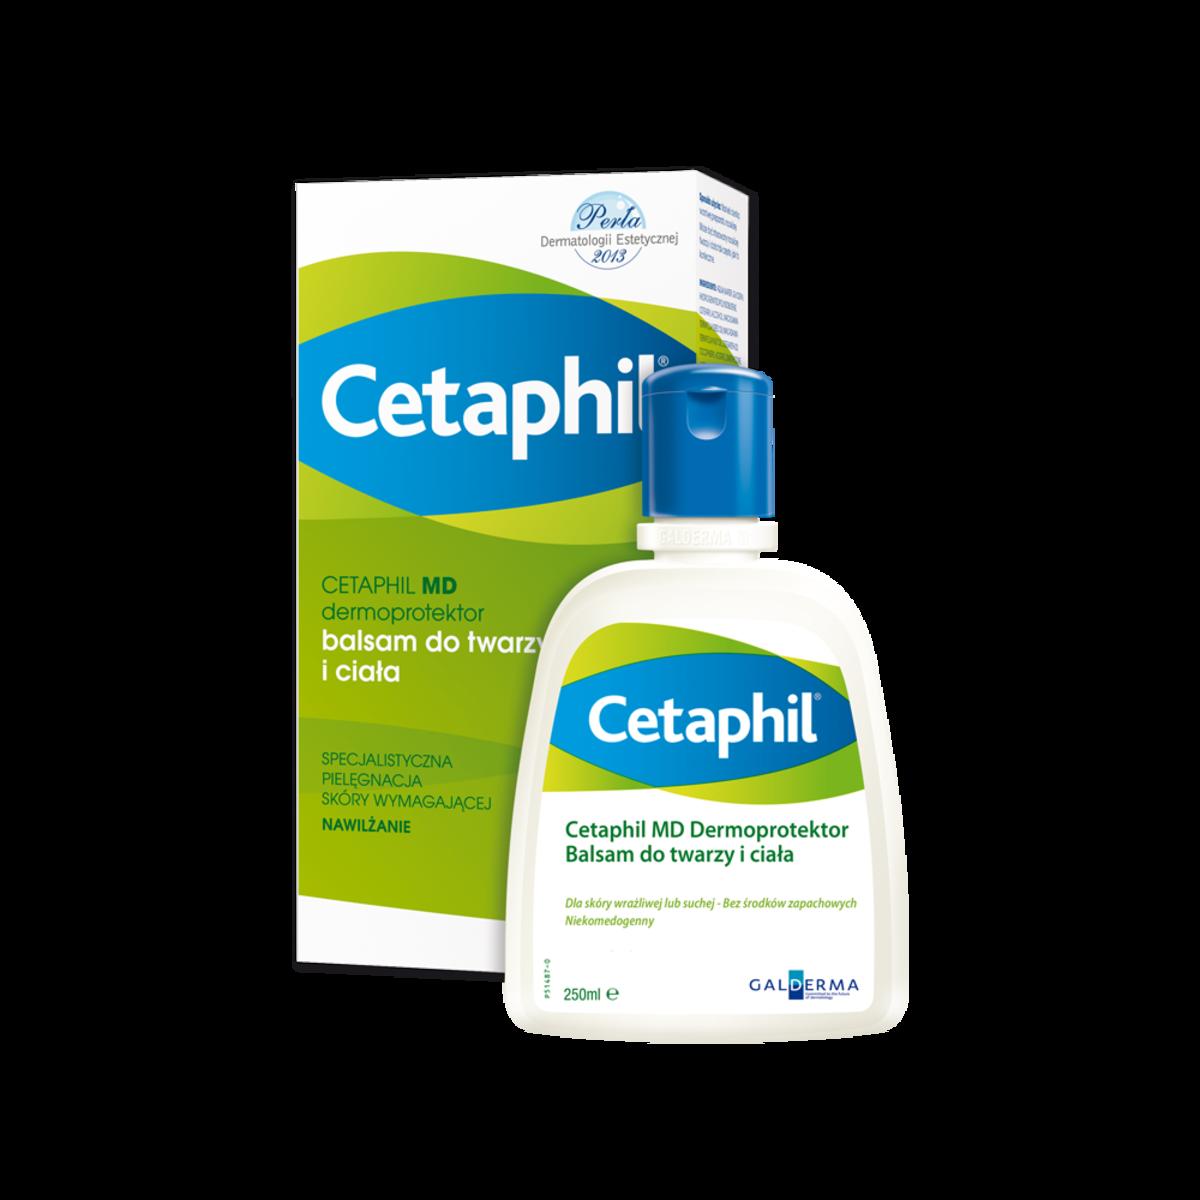 cetaphil md balsam do twarzy i ciała